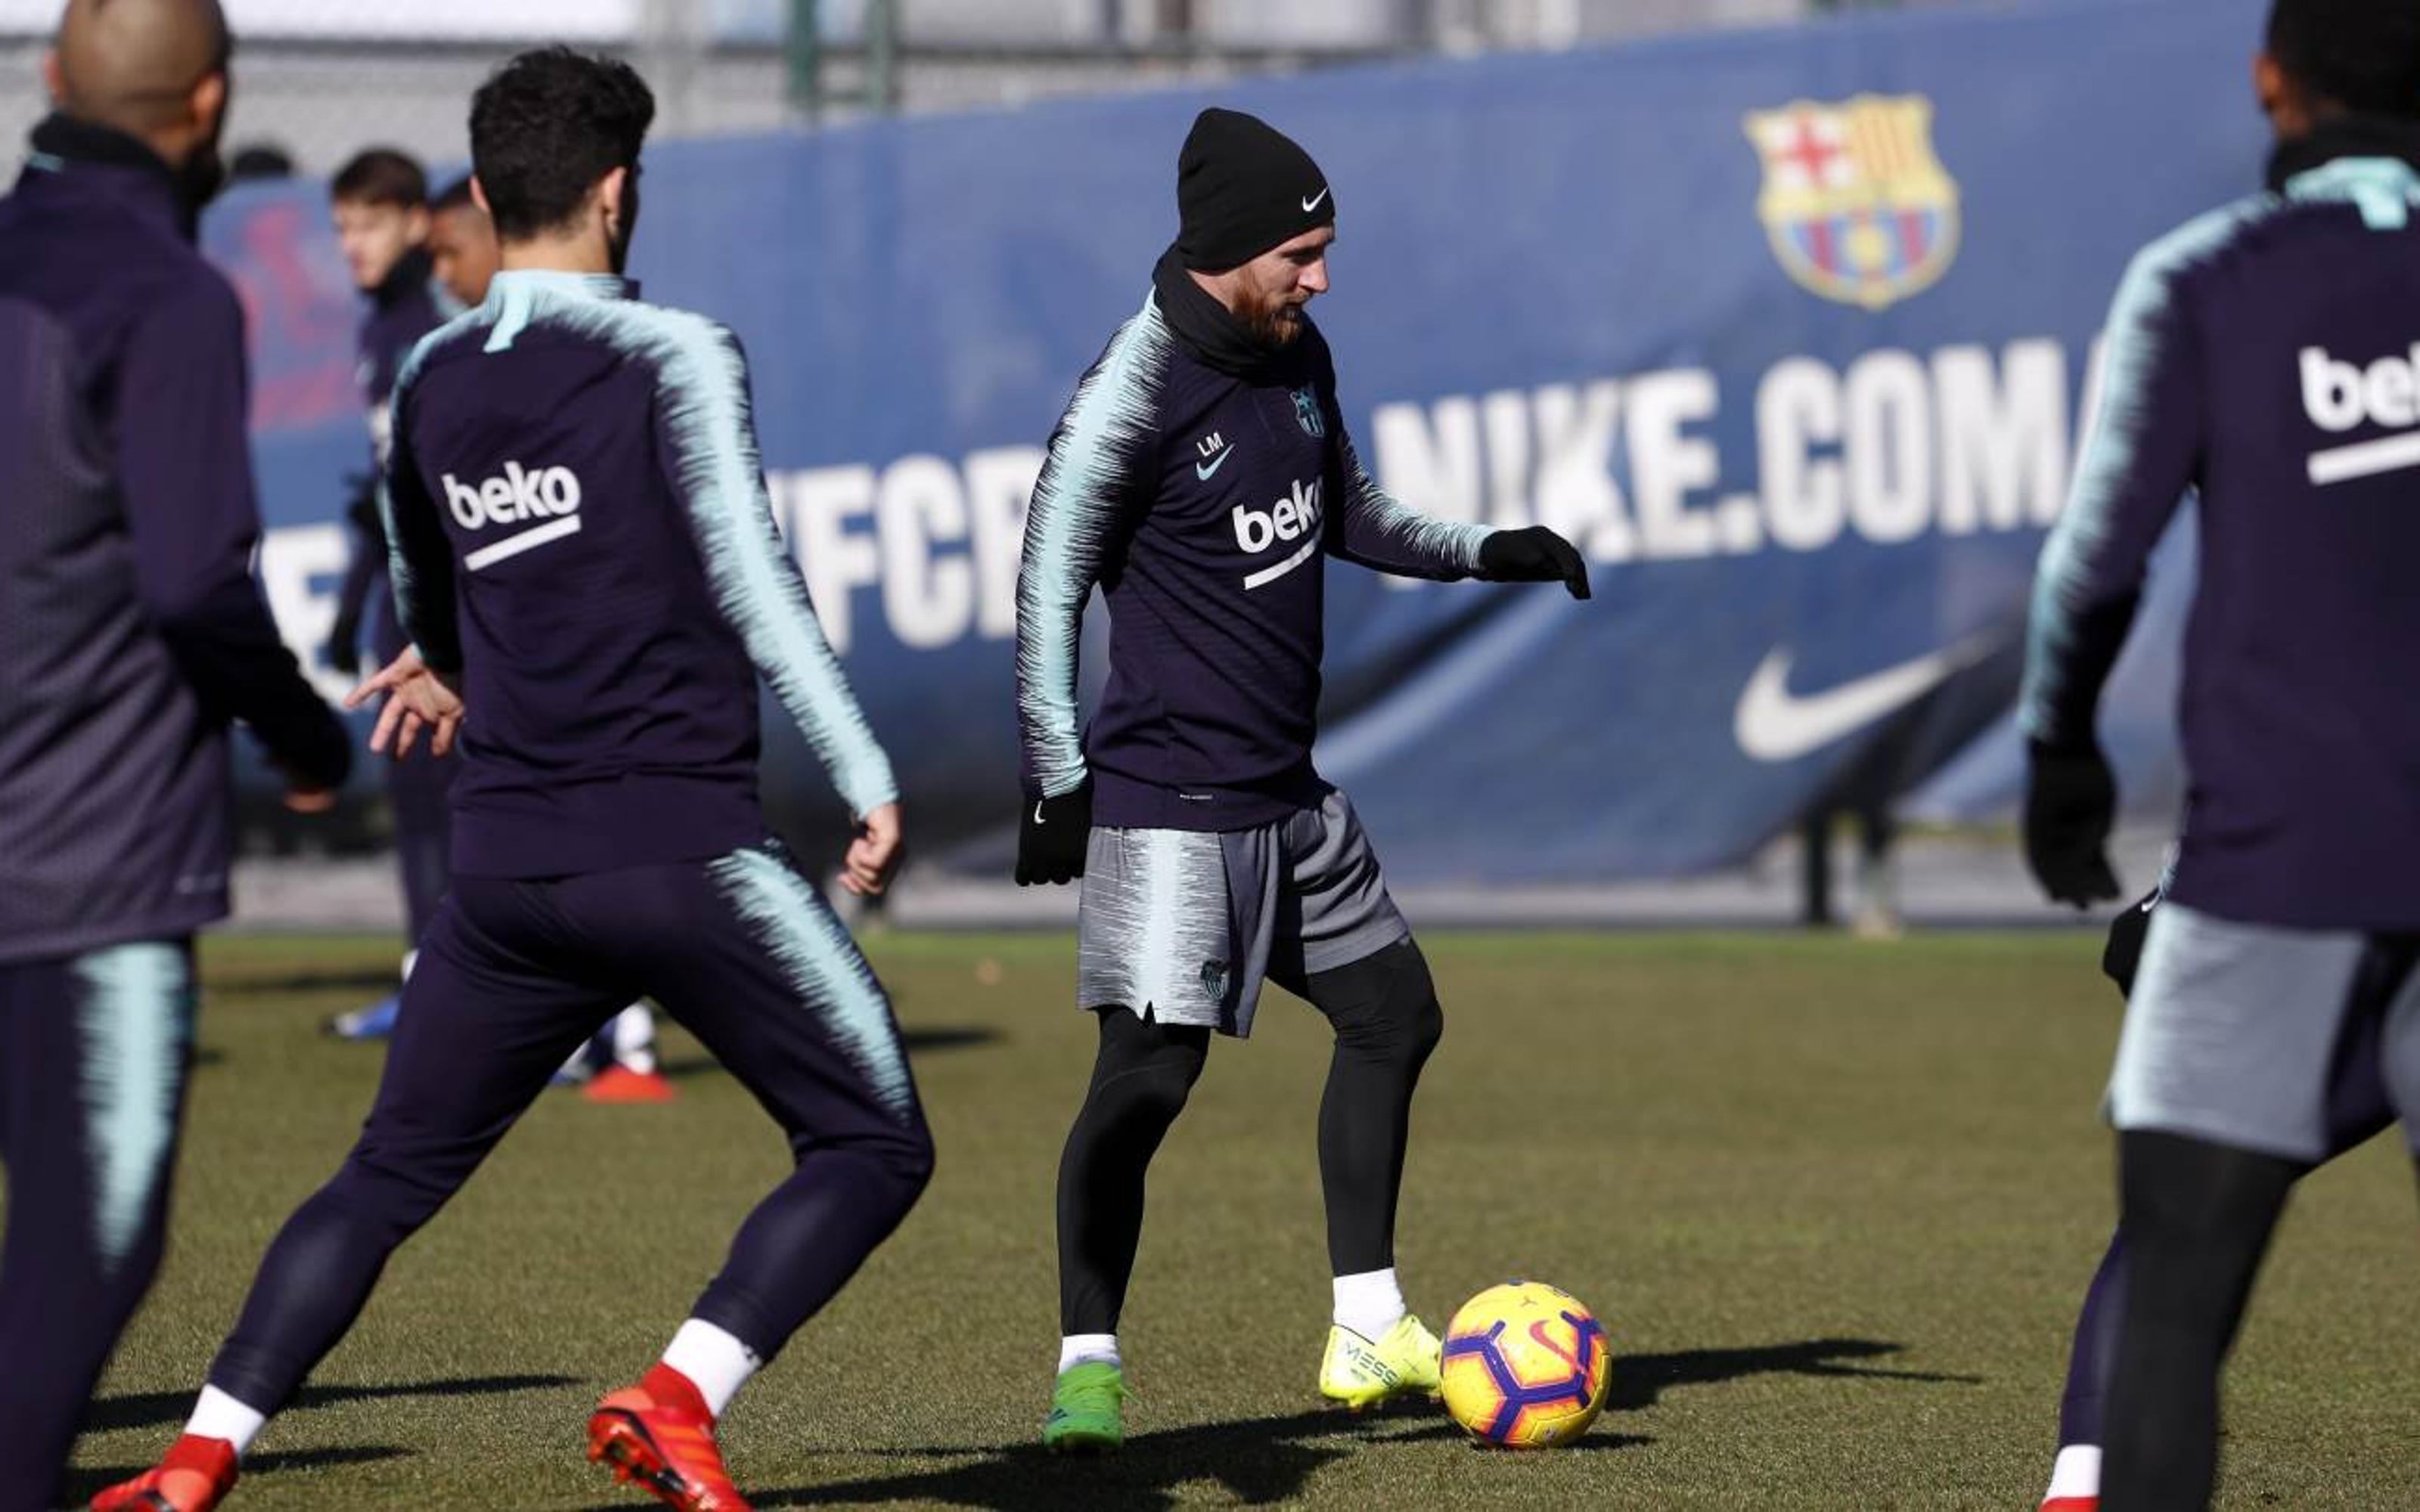 Acostumbrarse a Desacuerdo Automatización  Messi estrena botas adidas Nemeziz del 'Exhibit Pack' personalizadas – La  Jugada Financiera